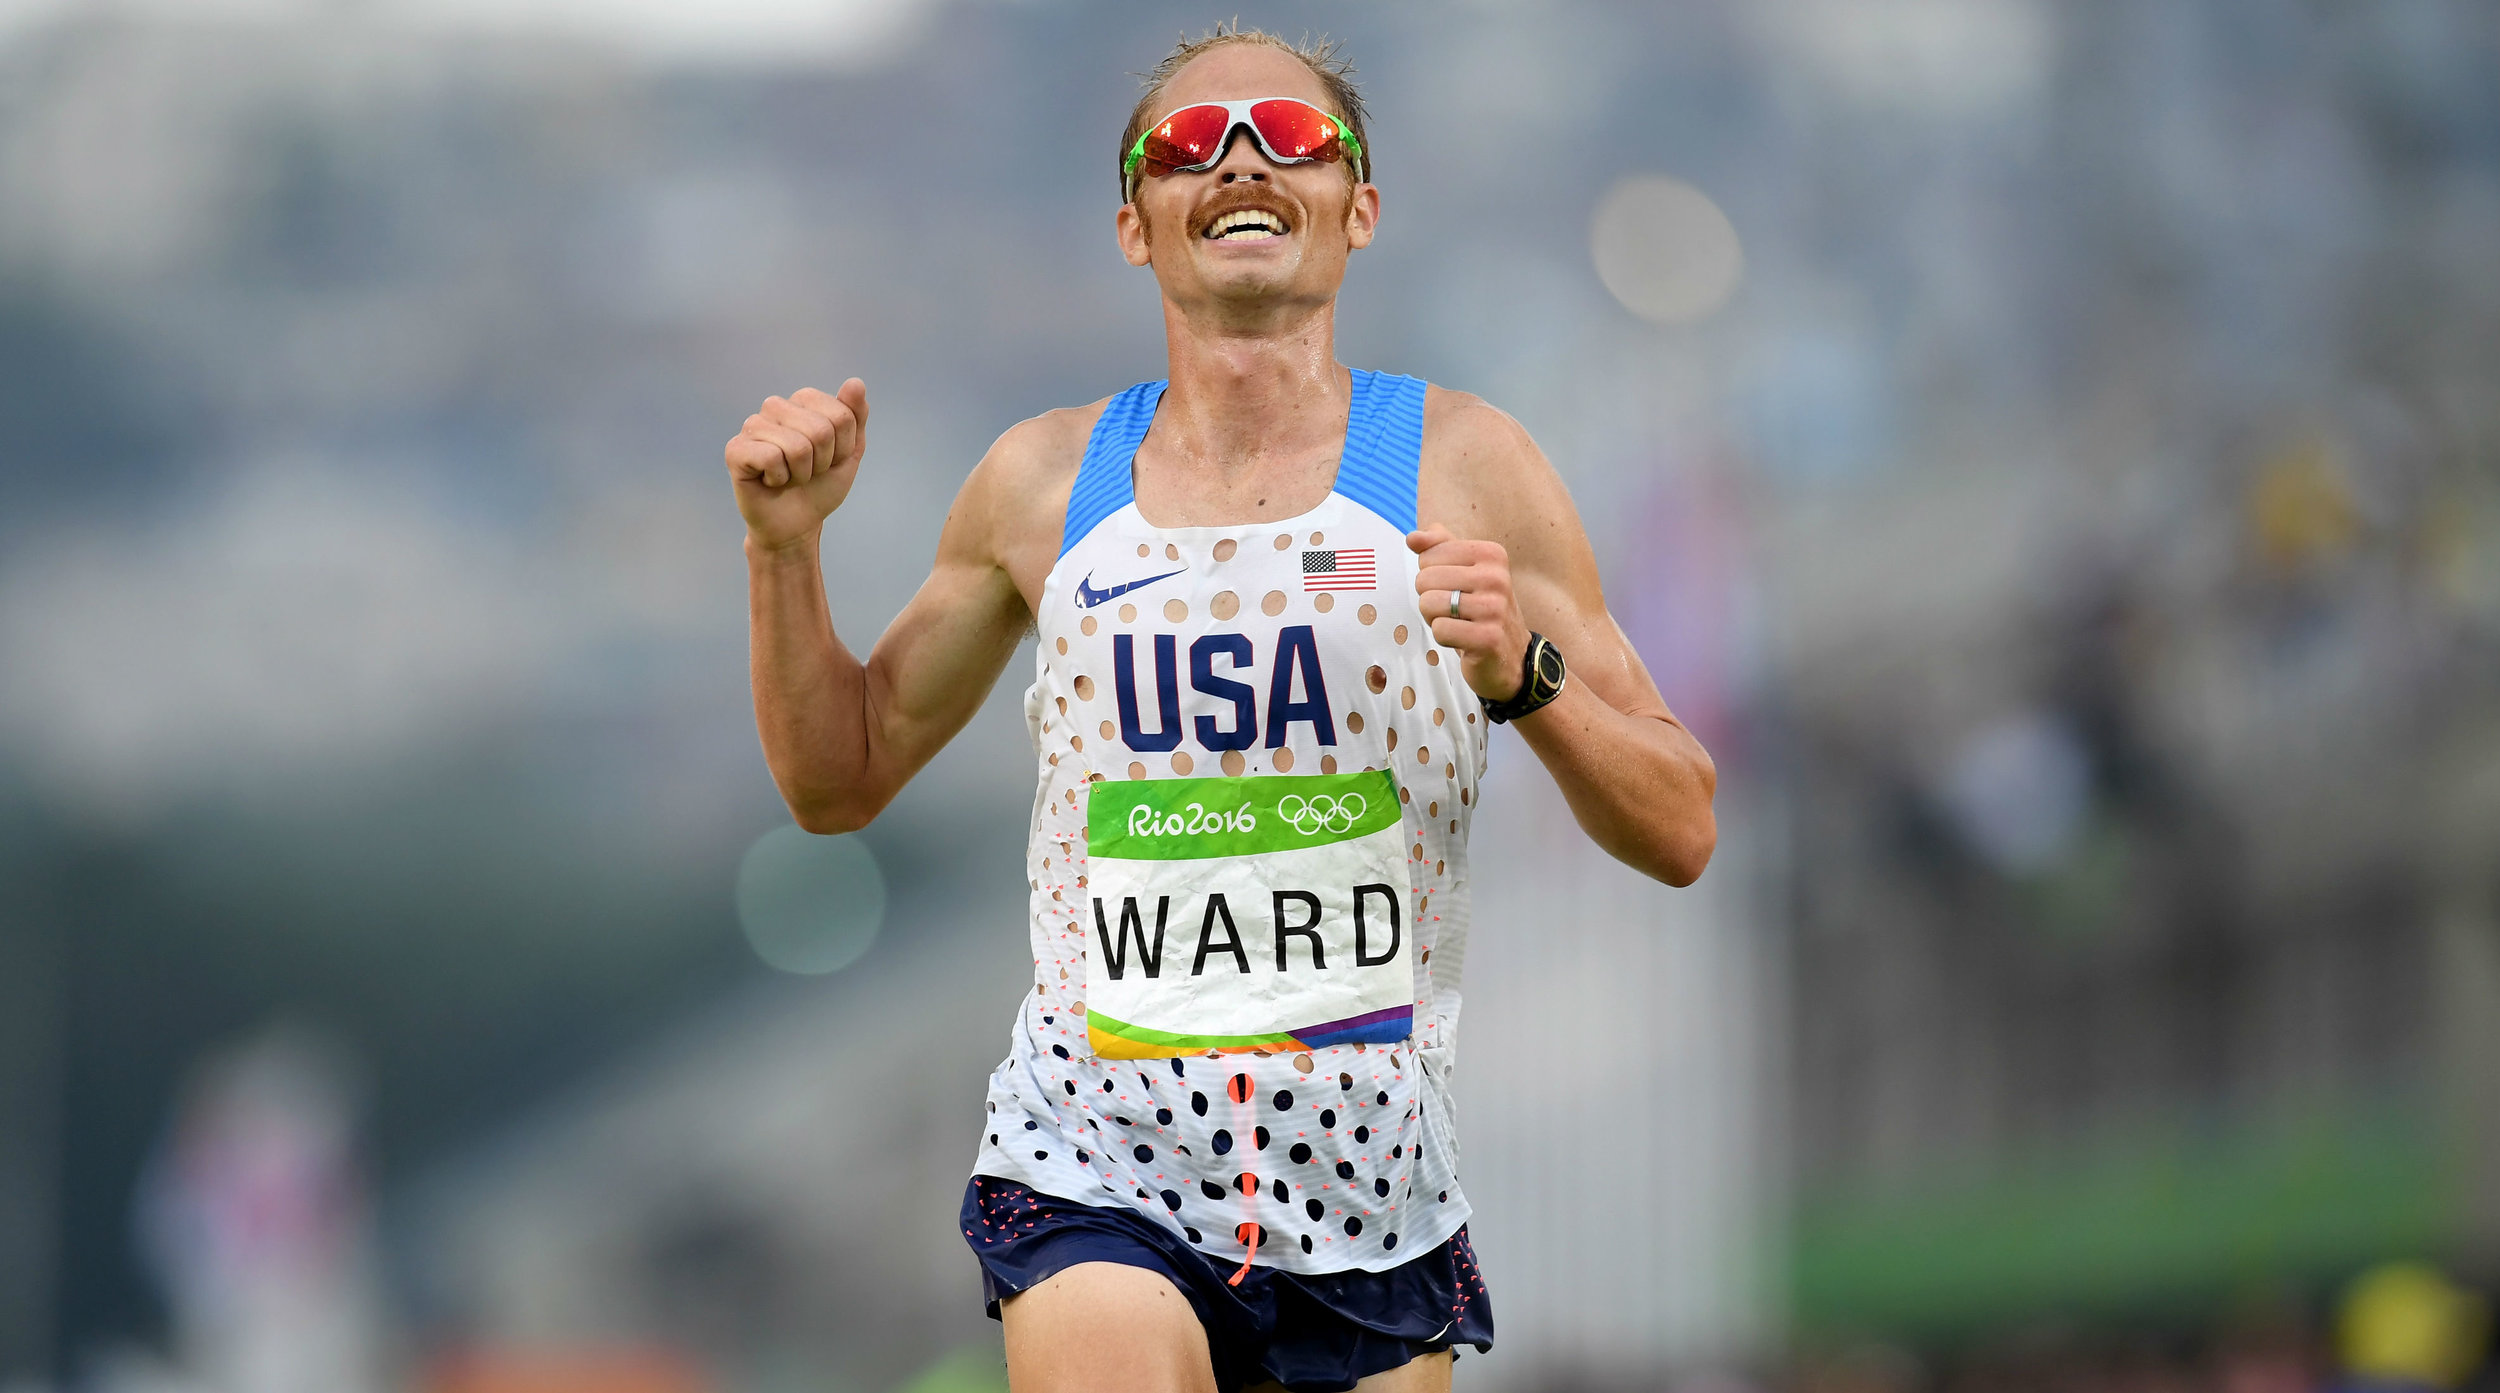 ward-nyc-marathon.jpg